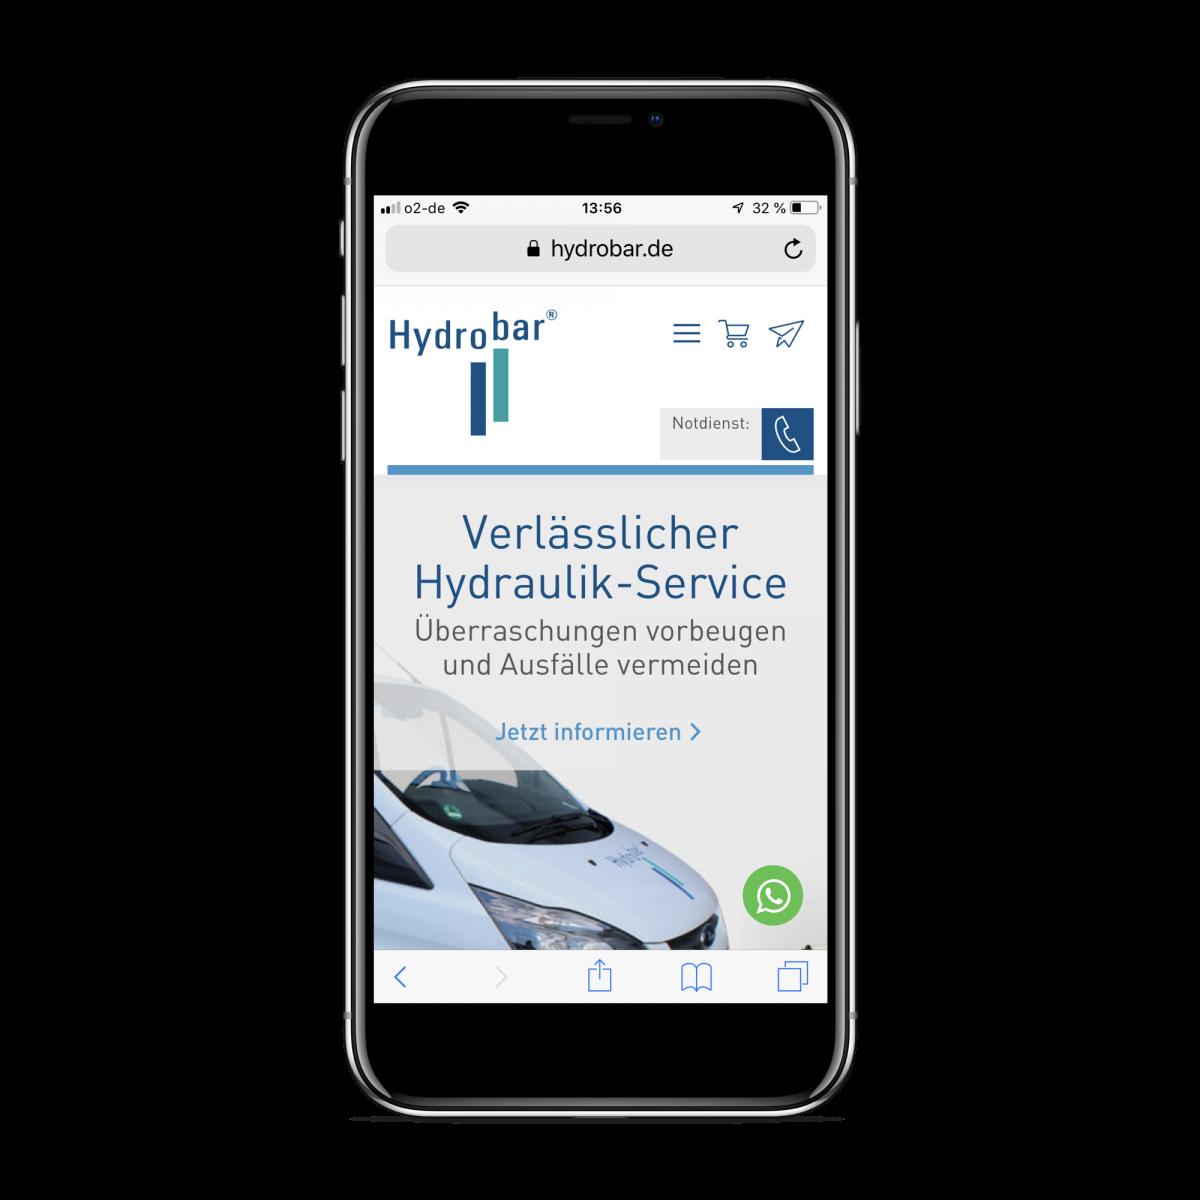 Hydrobar Whatsapp